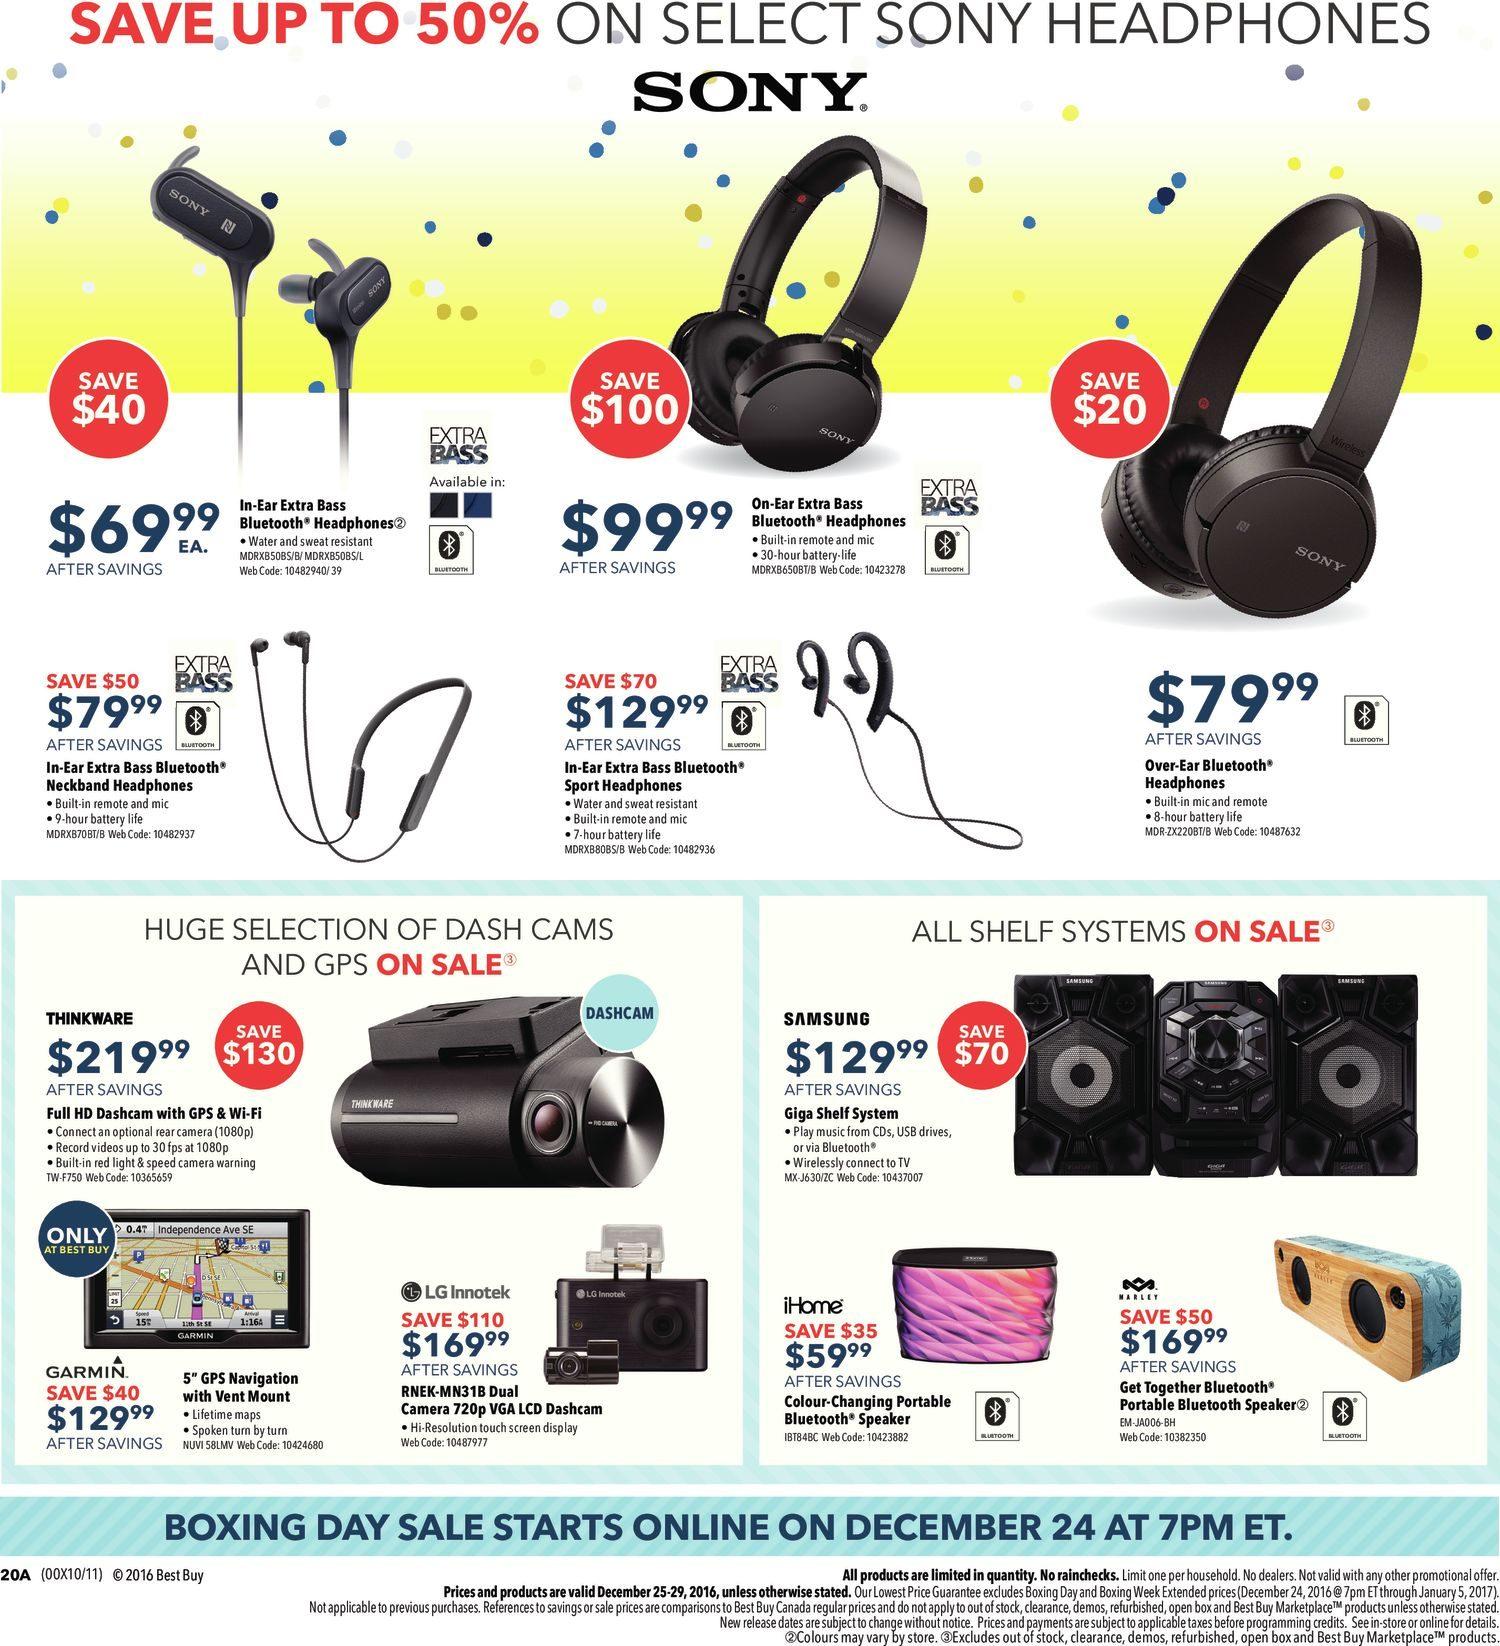 fe002611c21 Best Buy Weekly Flyer - Boxing Day Sale - Dec 25 – 29 - RedFlagDeals.com